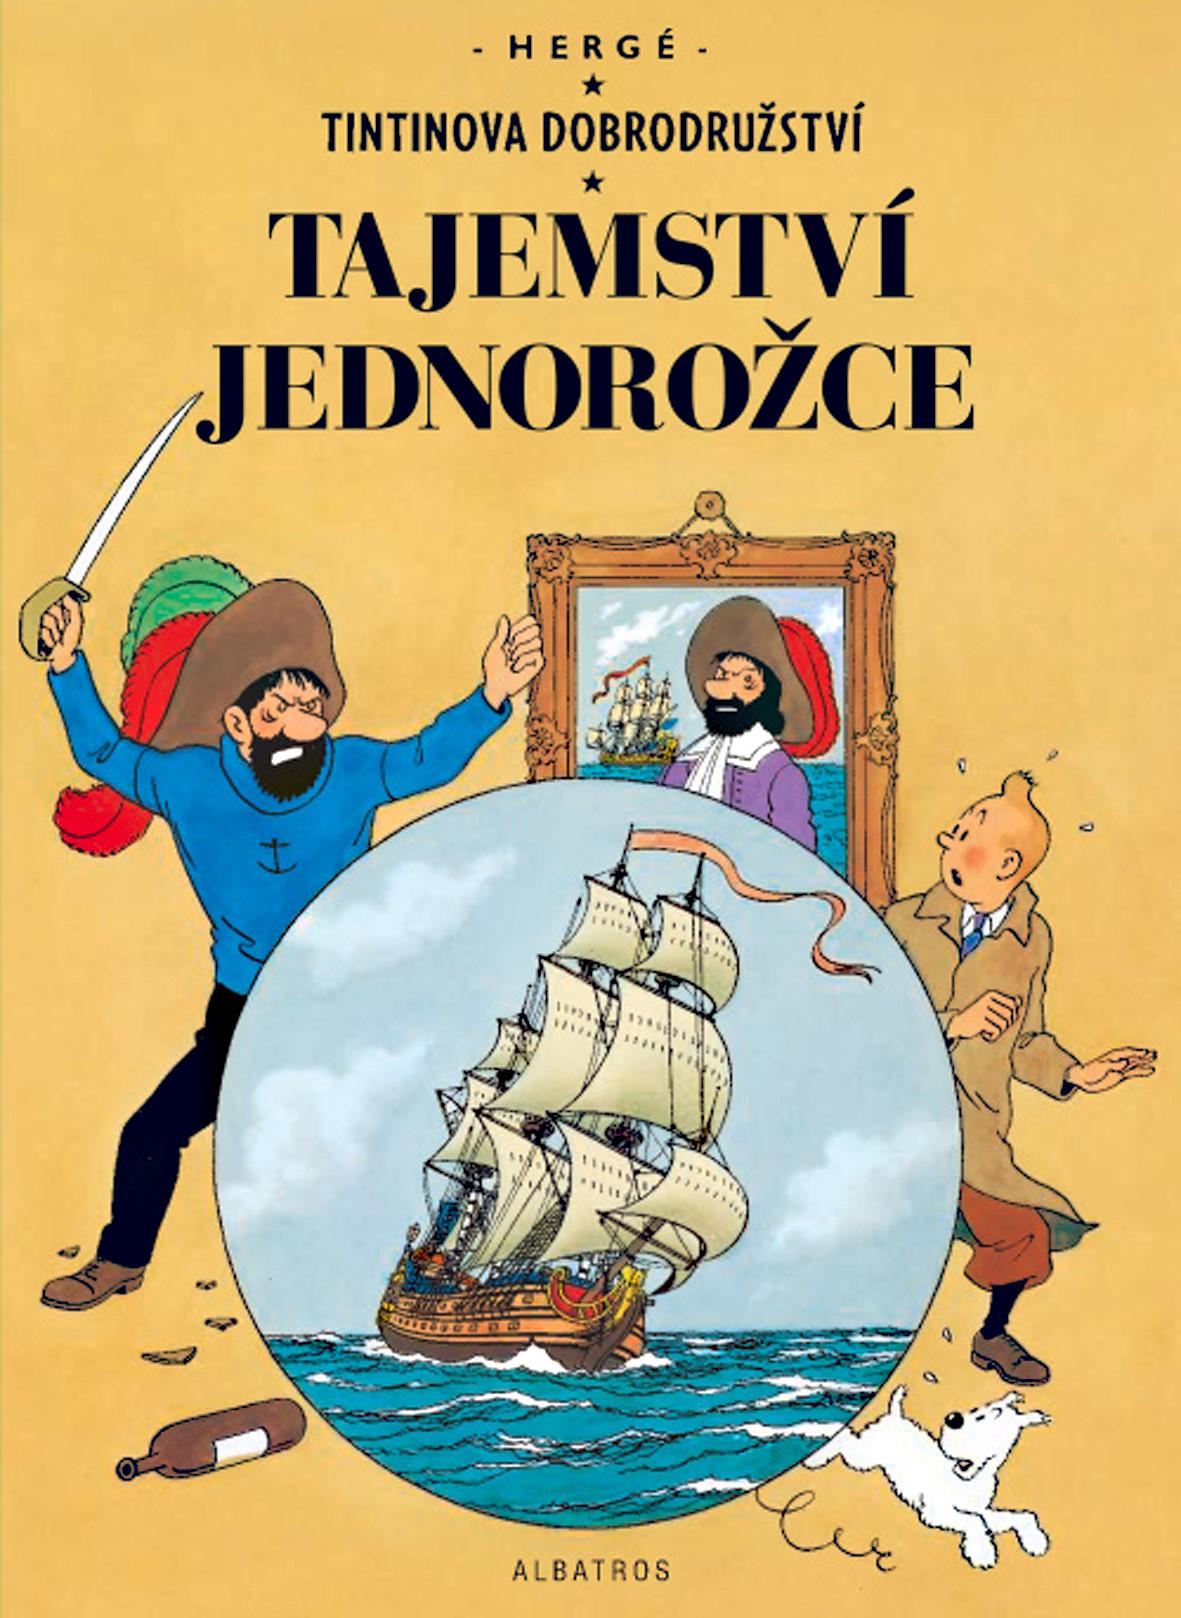 Tintin 11 - Tajemství Jednorožce